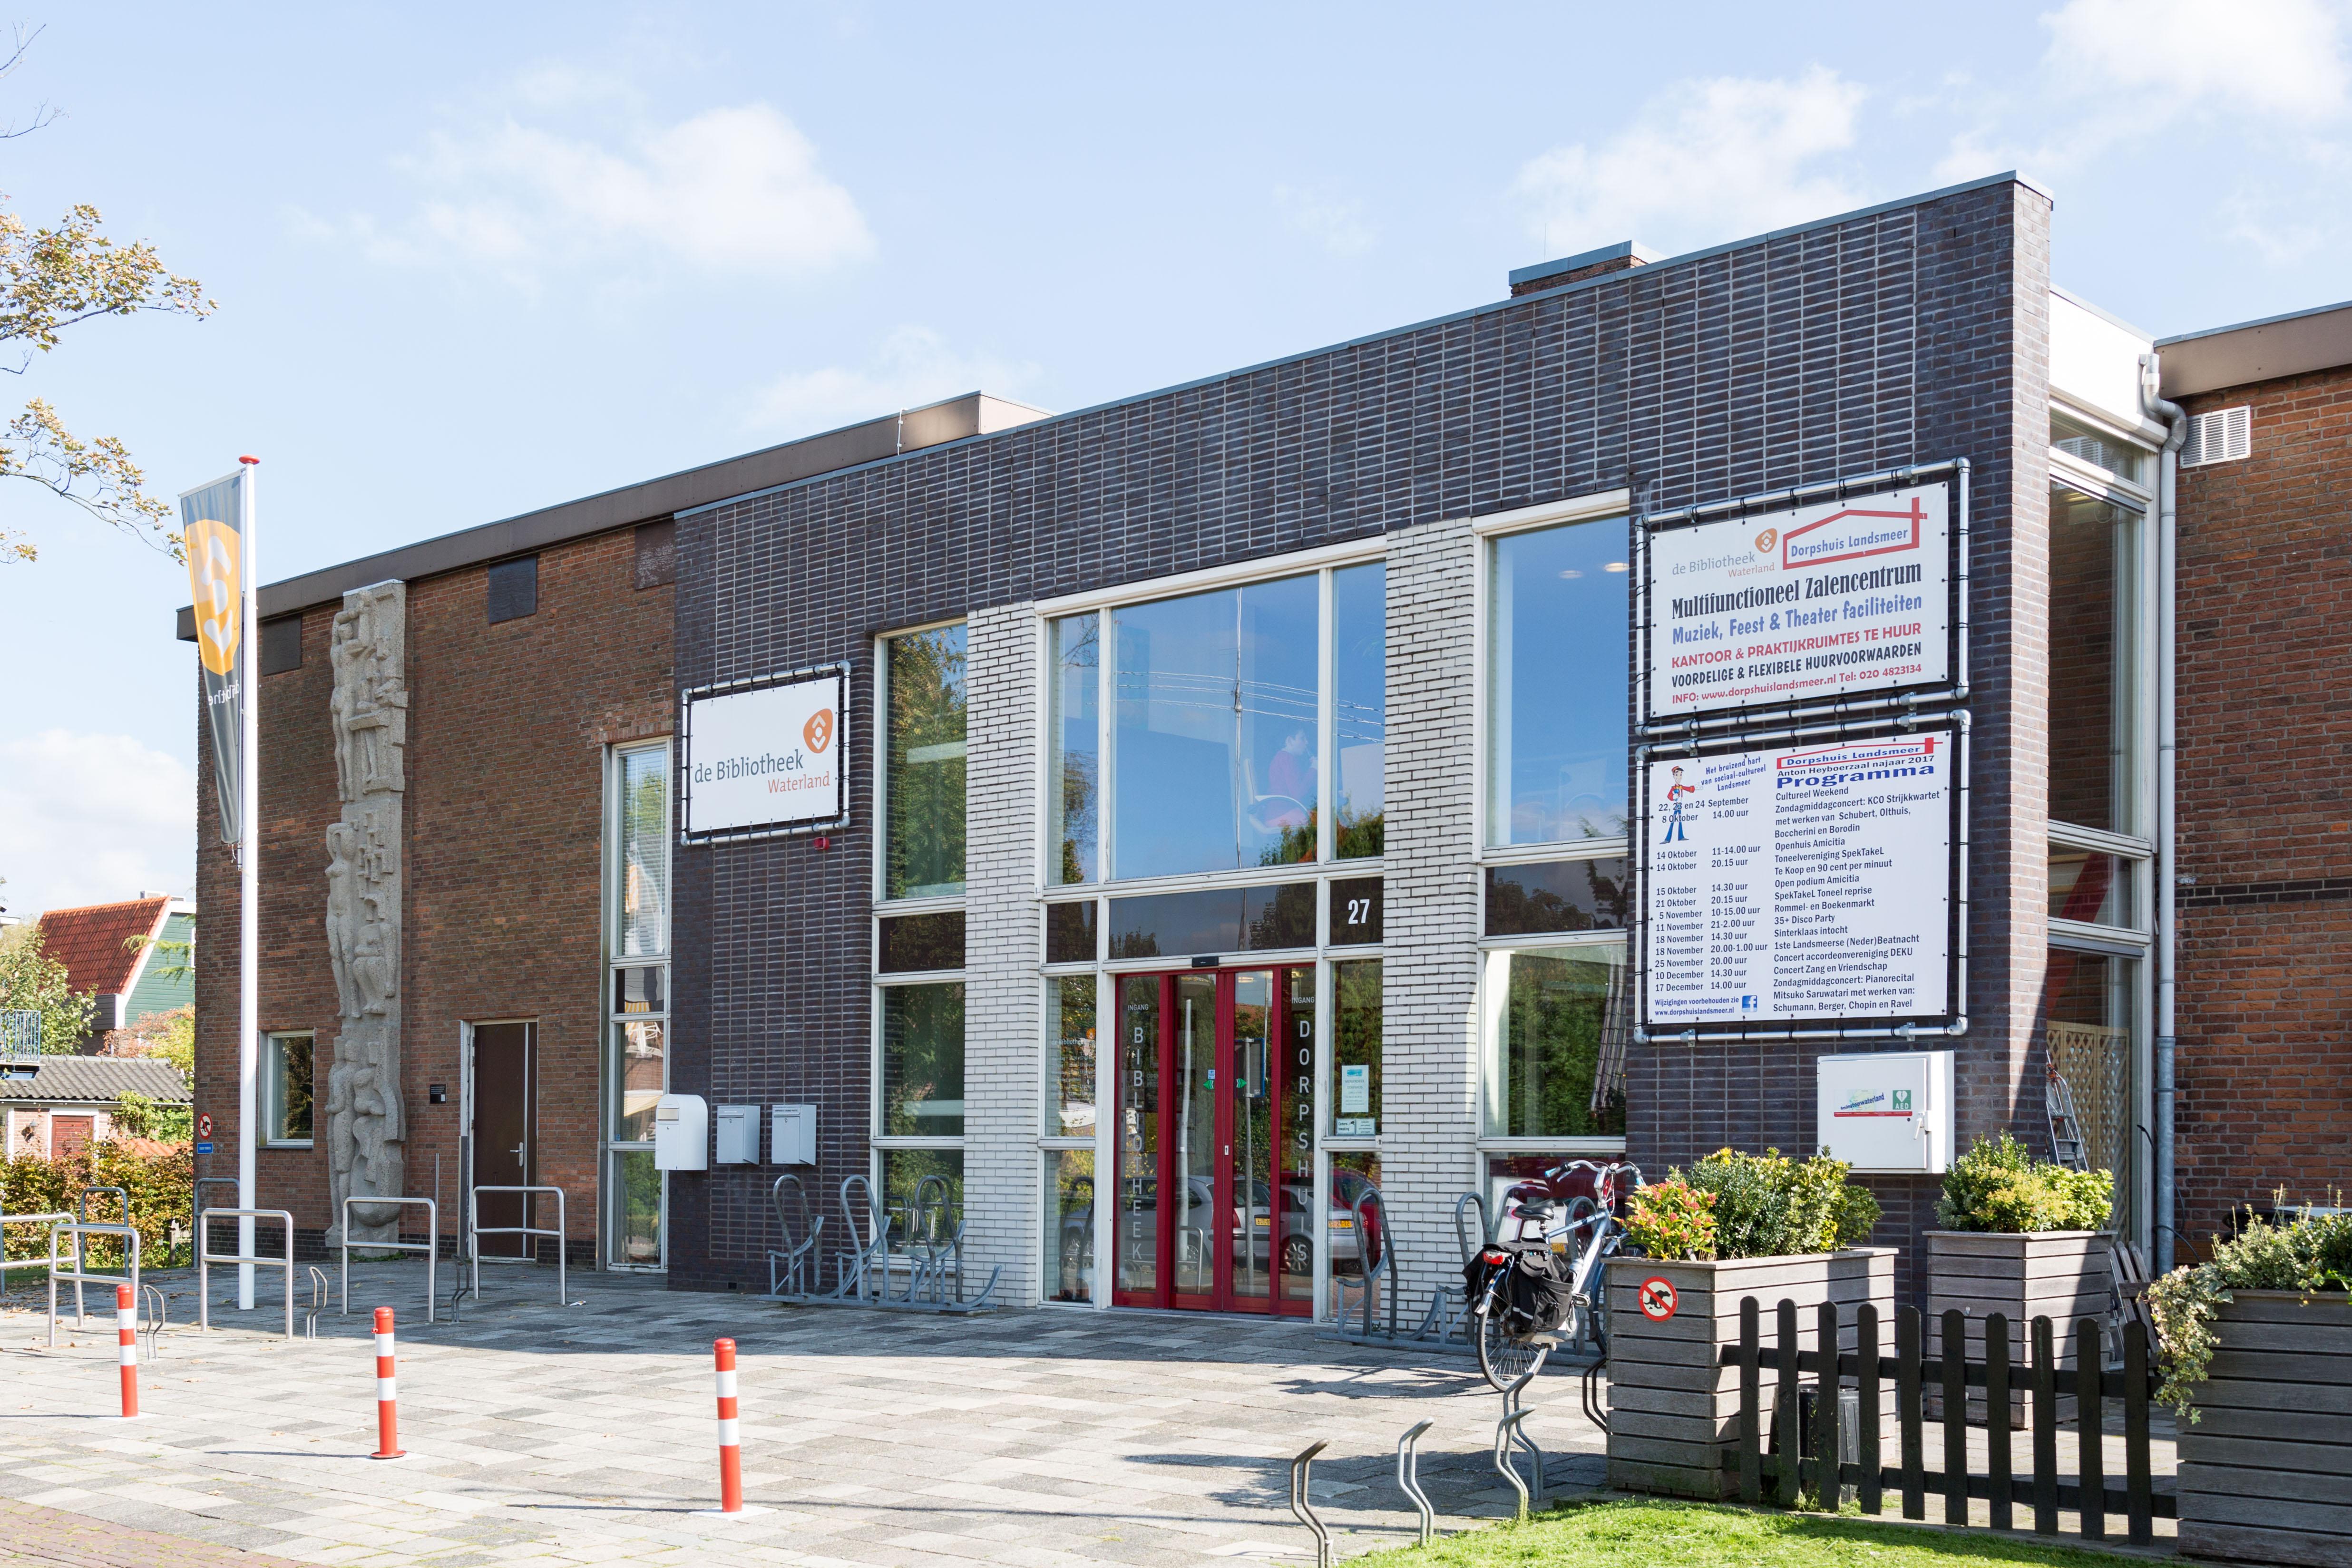 De Bibliotheek Landsmeer. (Foto: aangeleverd)